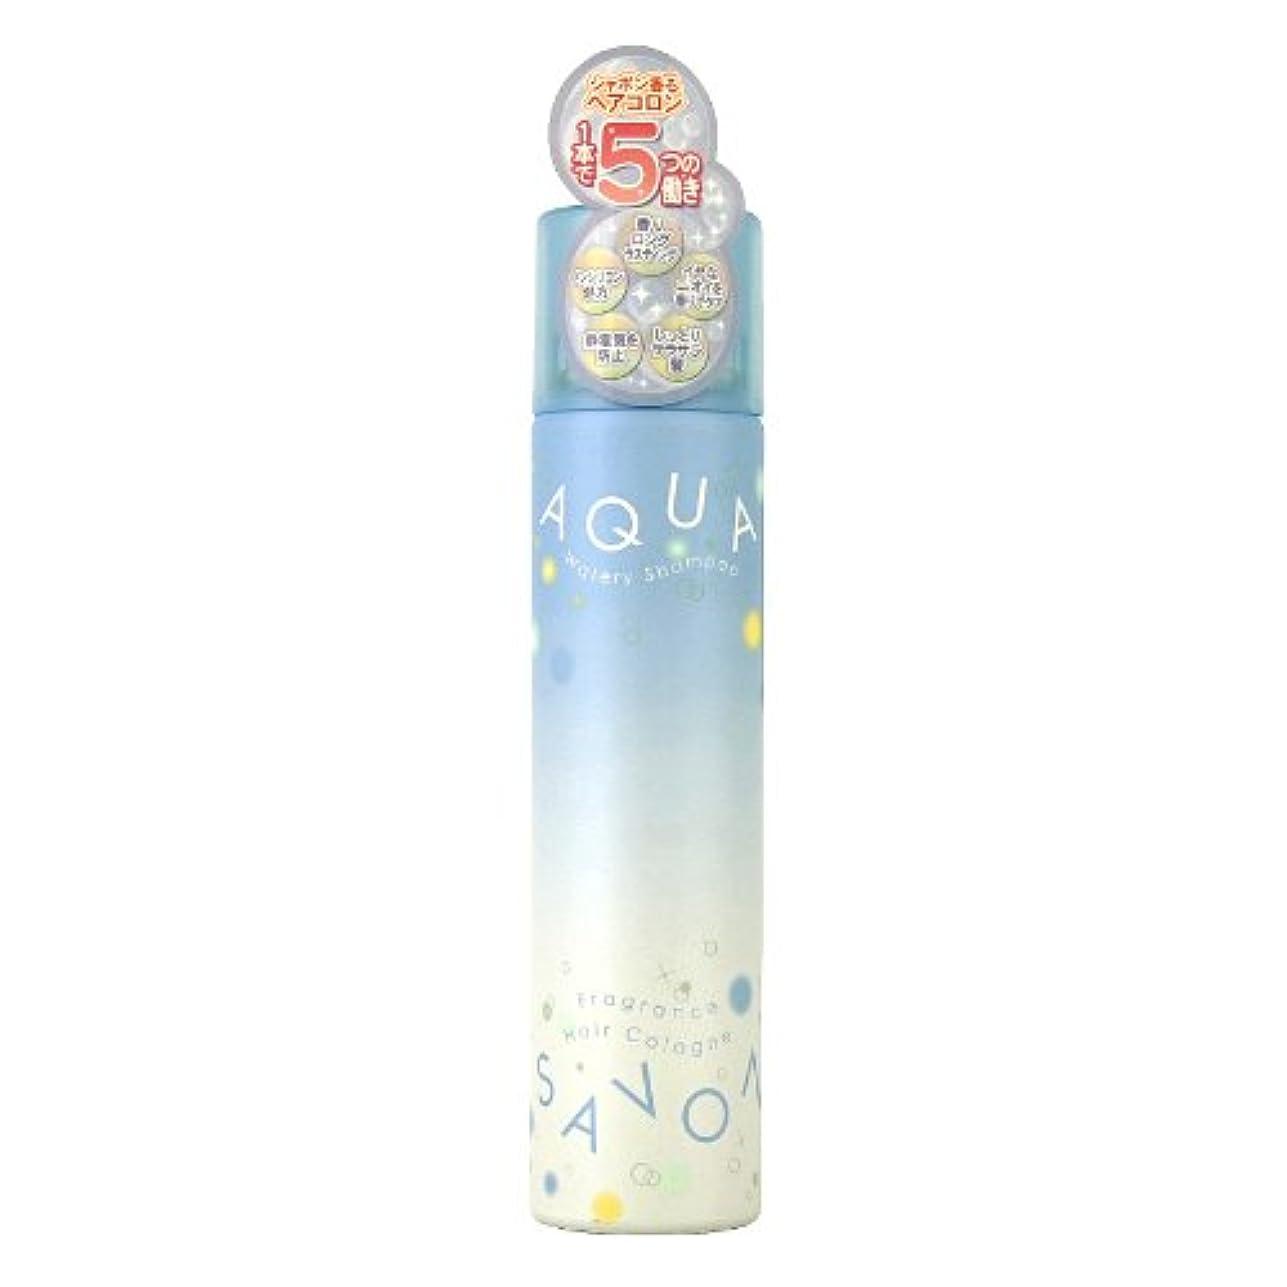 欺くマークされた元のアクアシャボン ヘアコロン13A ウォータリーシャンプーの香り 80g